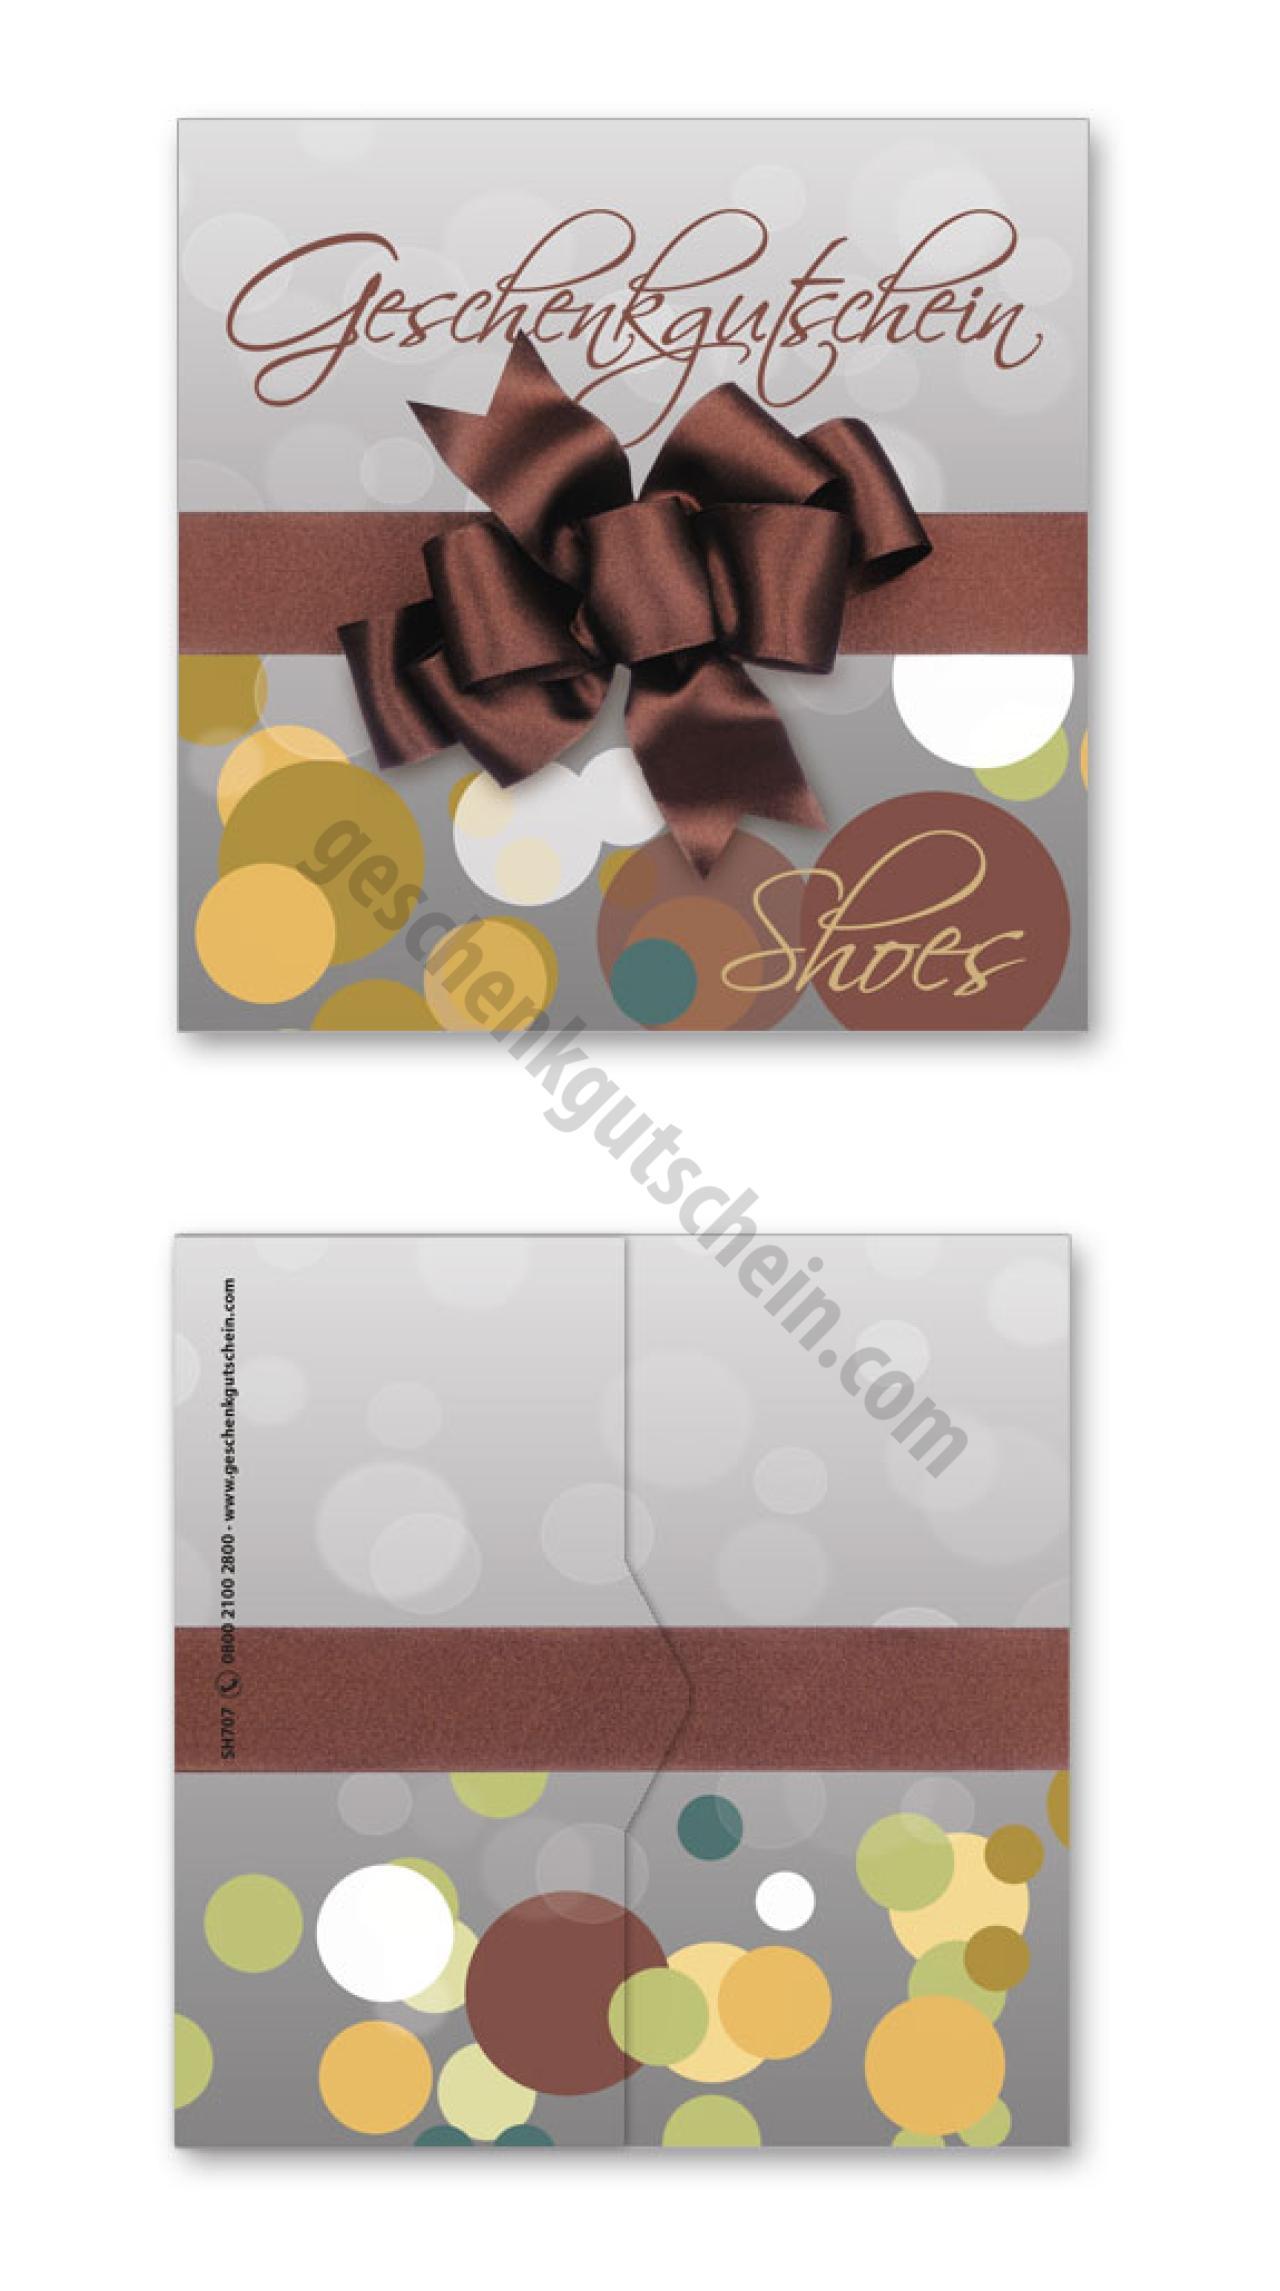 sh707 booklet gutschein mit den sch nsten geschenkgutscheinen und. Black Bedroom Furniture Sets. Home Design Ideas